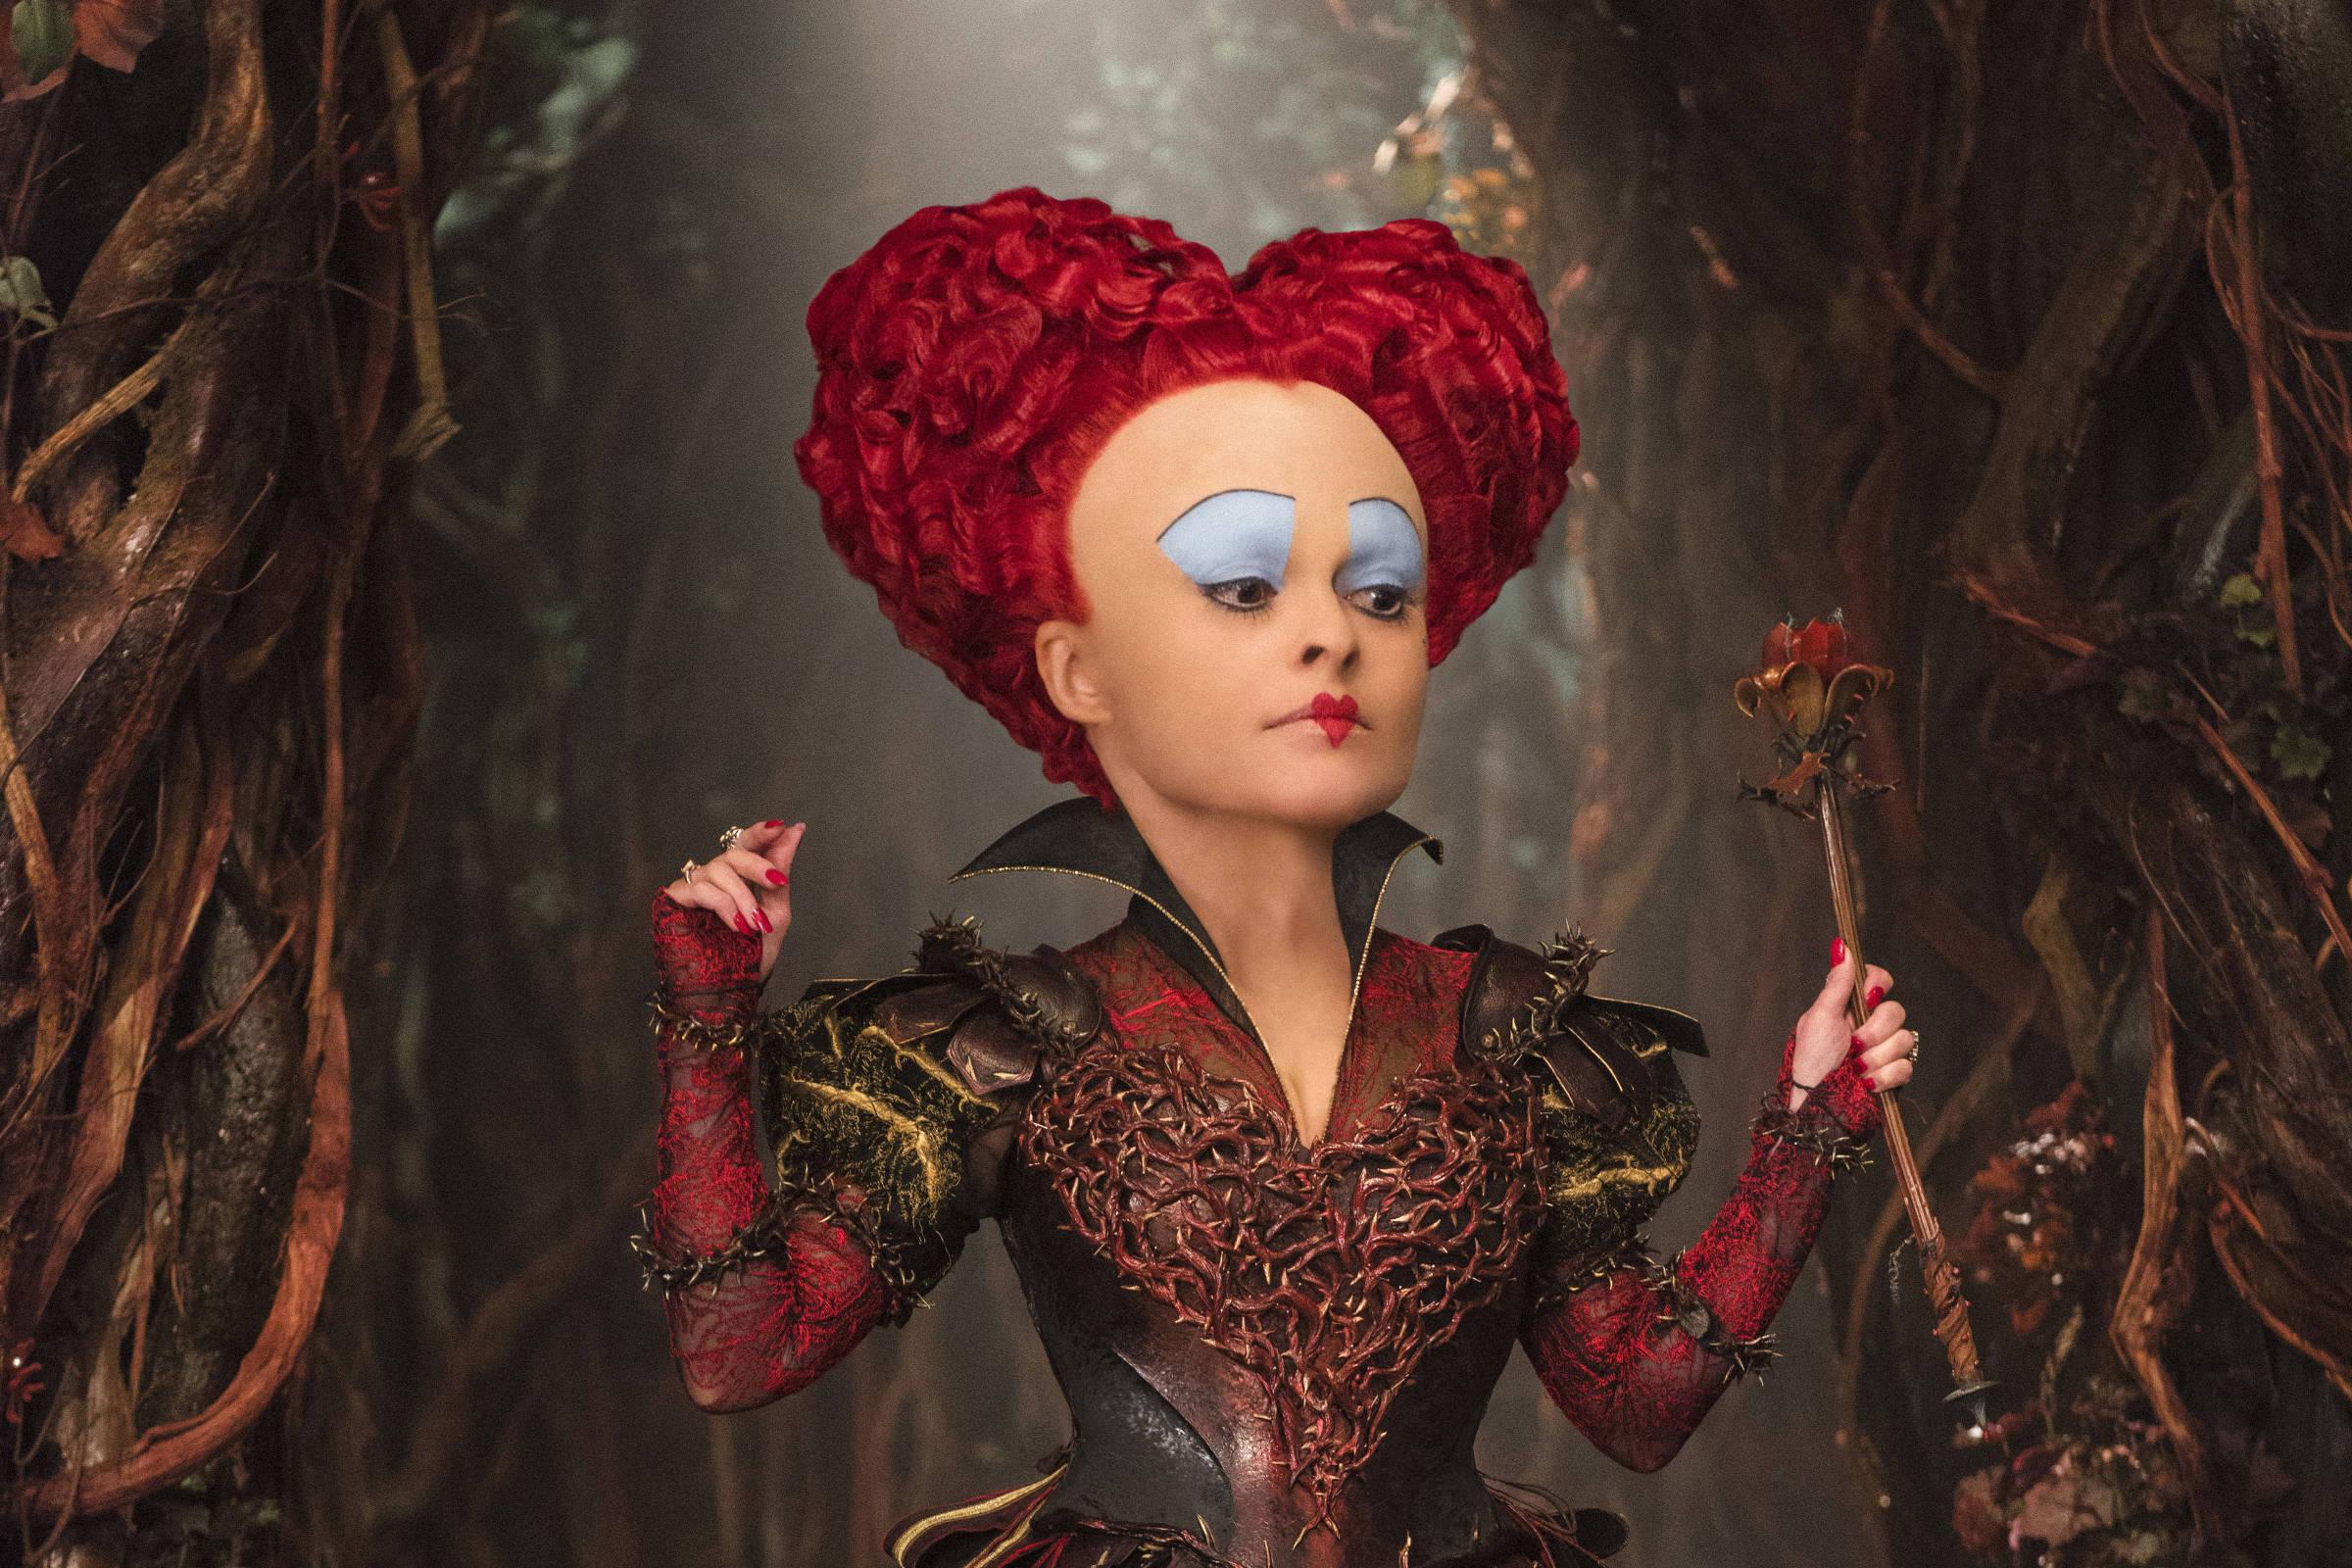 Rainha Vermelha